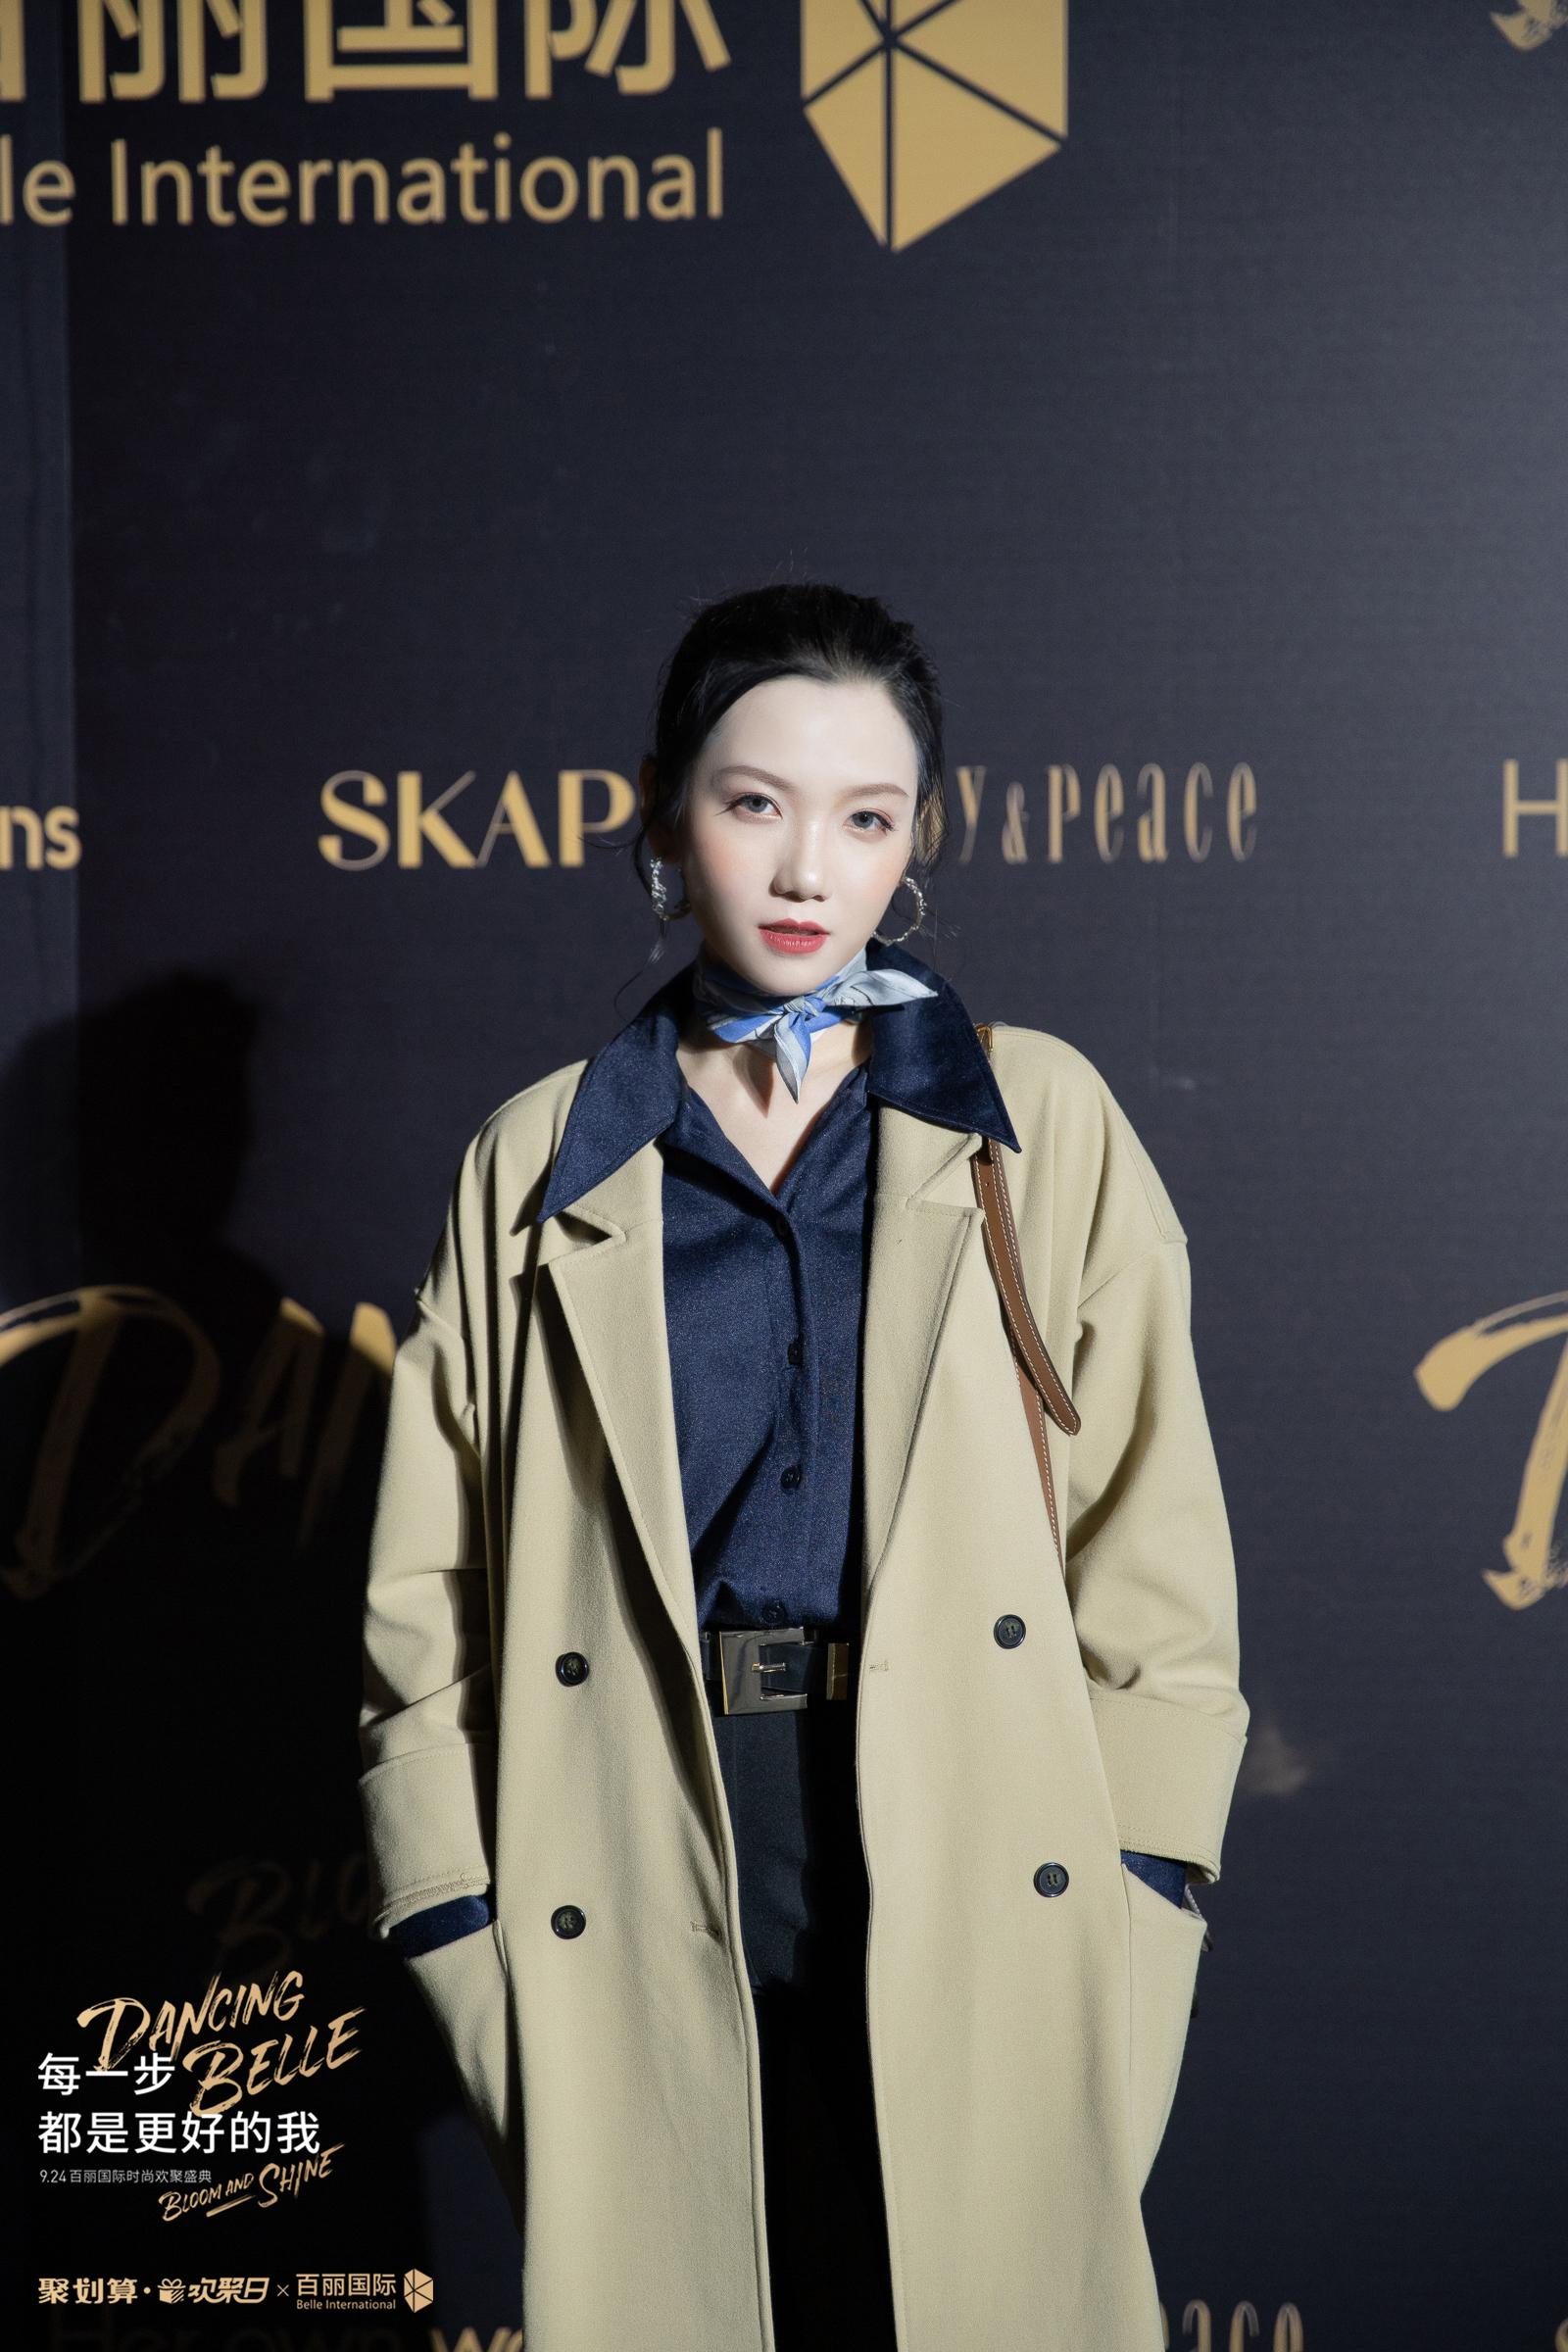 孫燕姿、孟美岐、三吉彩花眾星集結,今年最美時尚盛典!